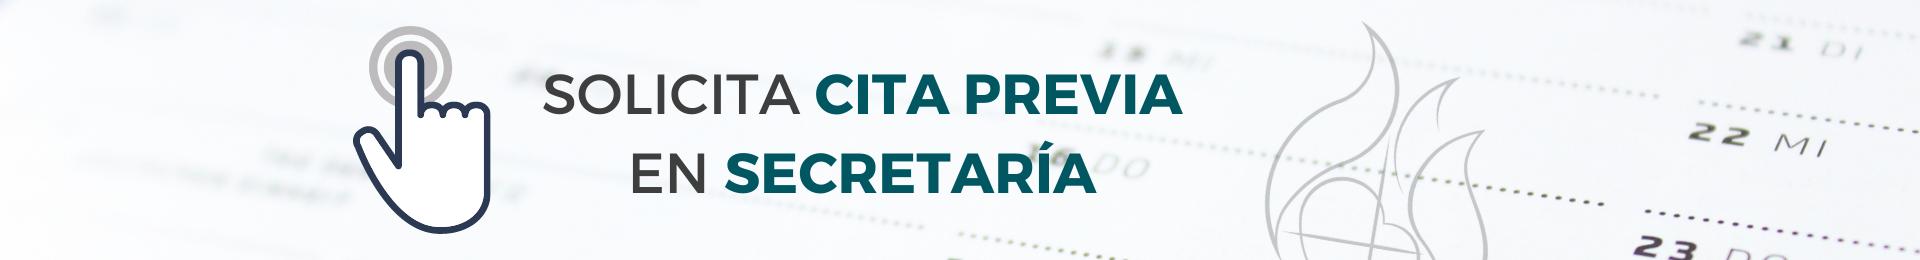 Pincha y solicita CITA PREVIA en SECRETARÍA